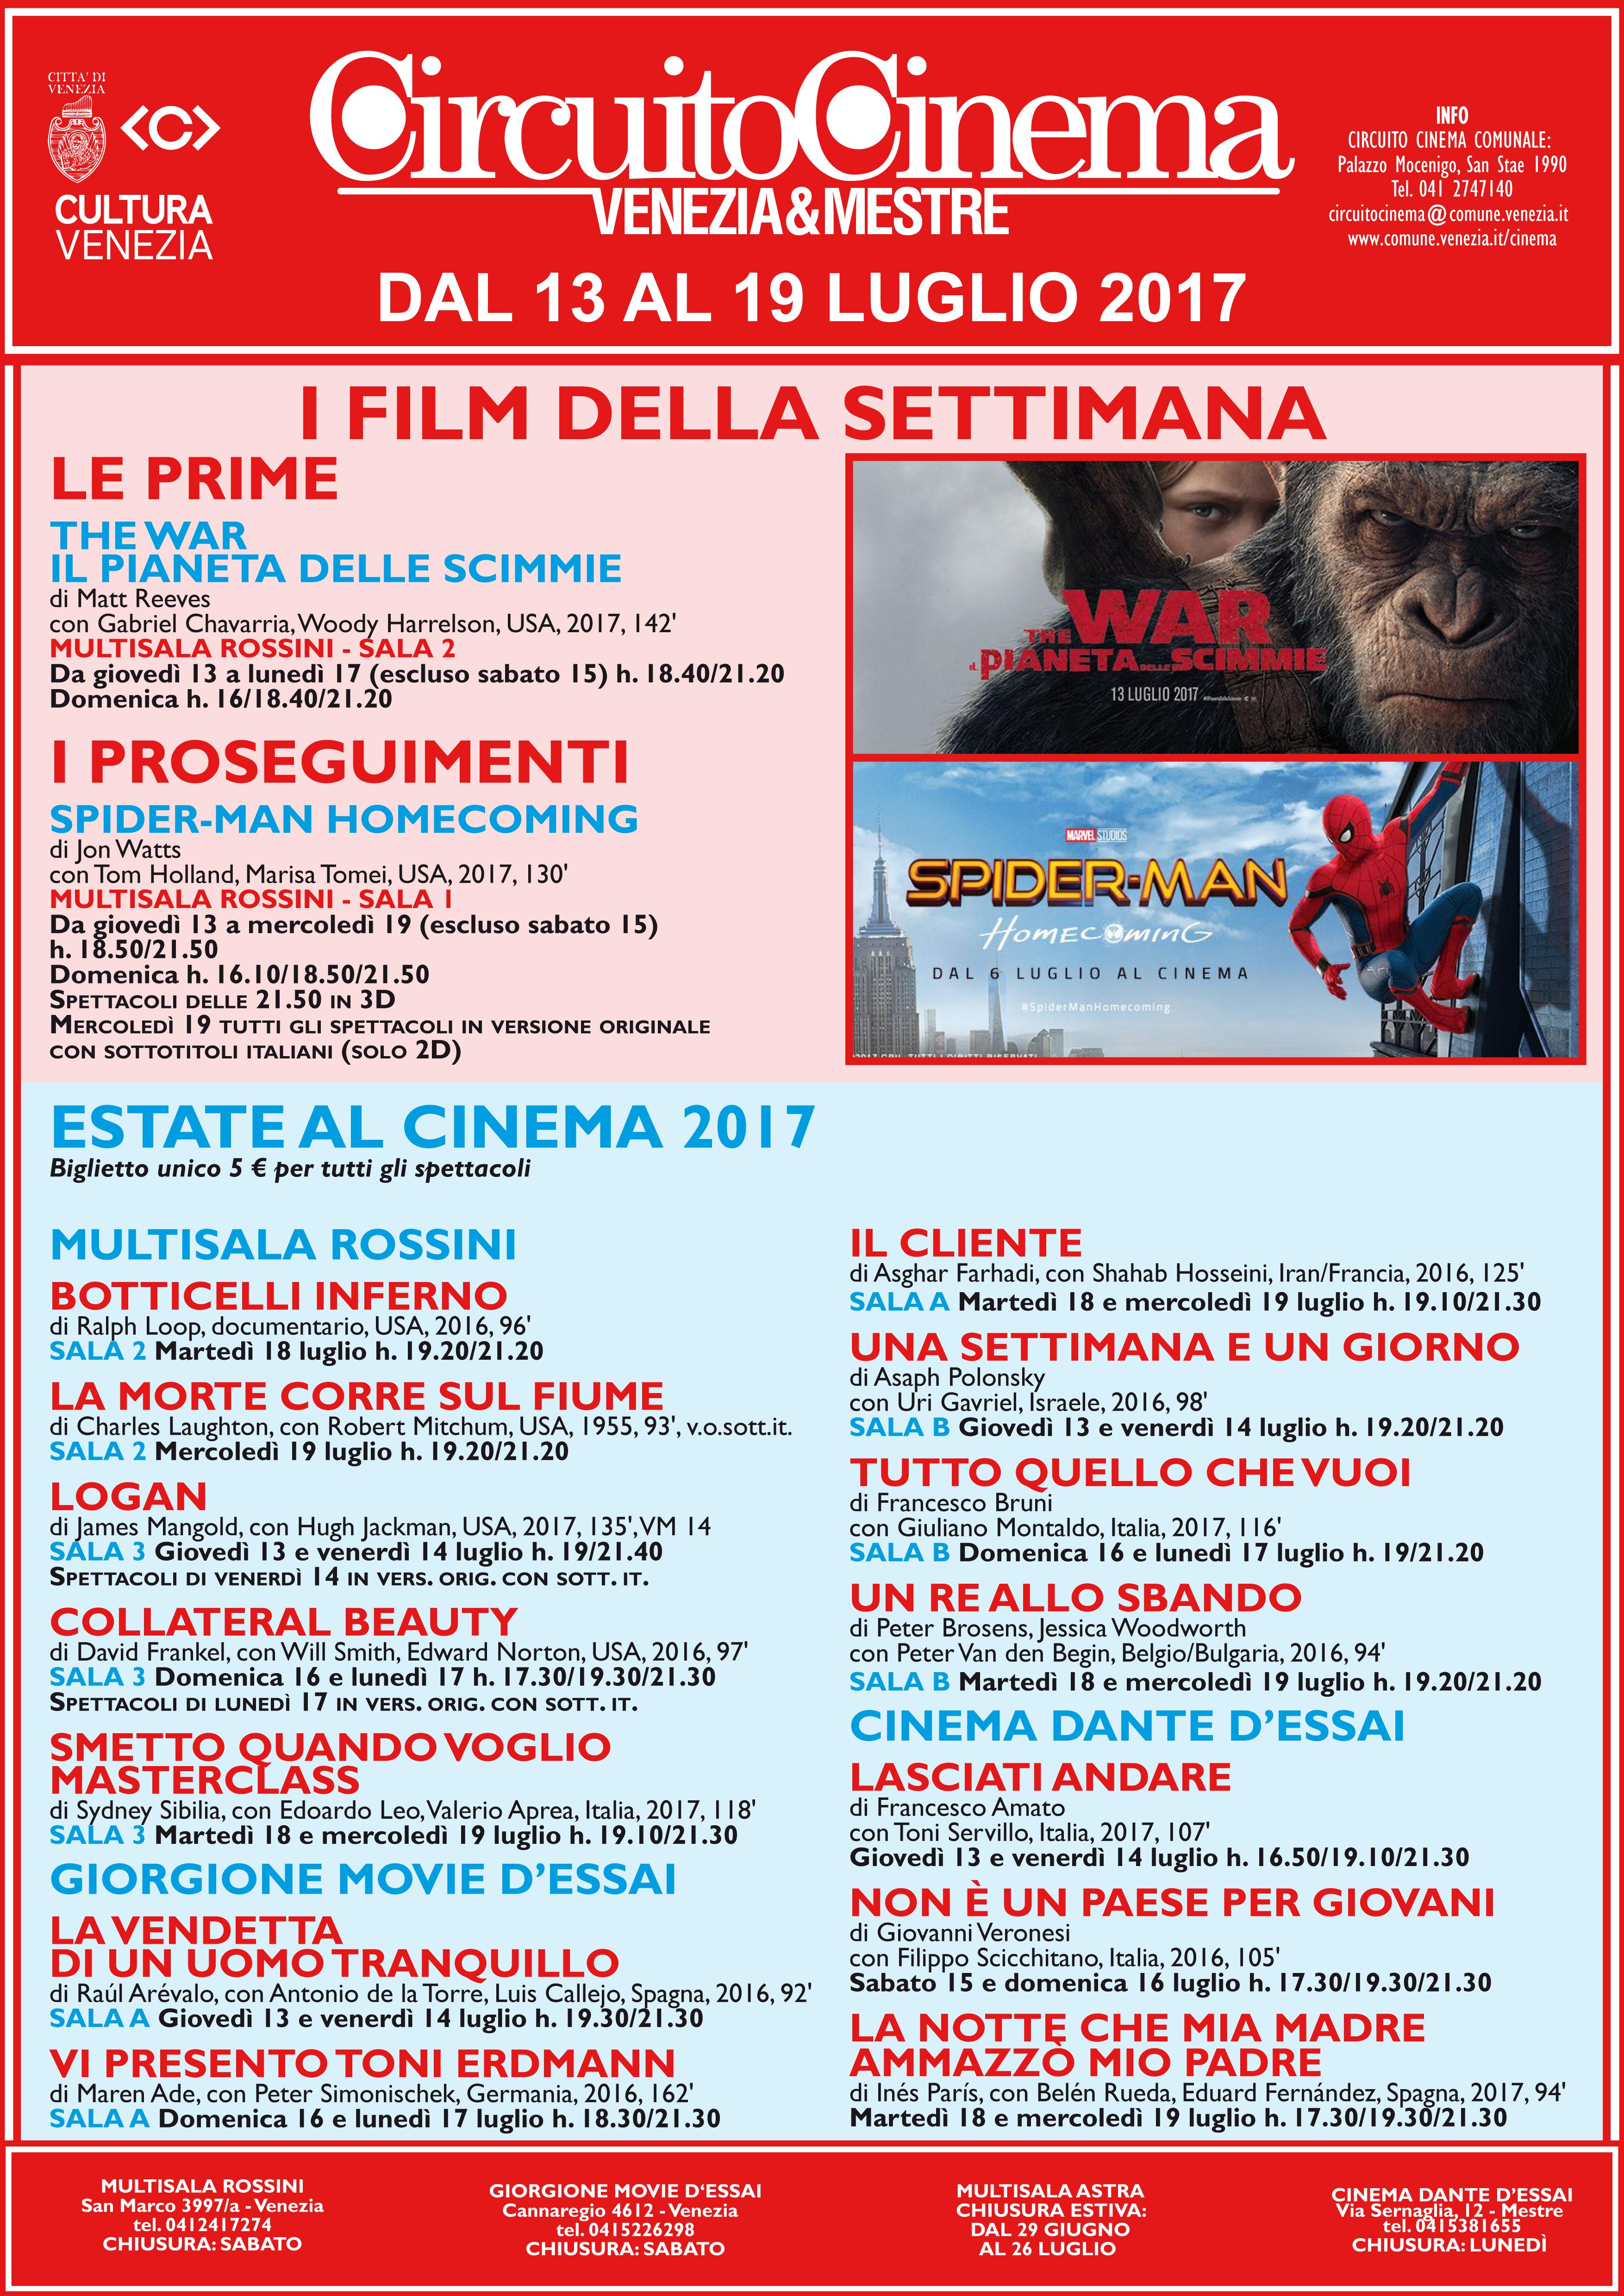 Locandina programmazione cinema dal 13 al 19 luglio 2017